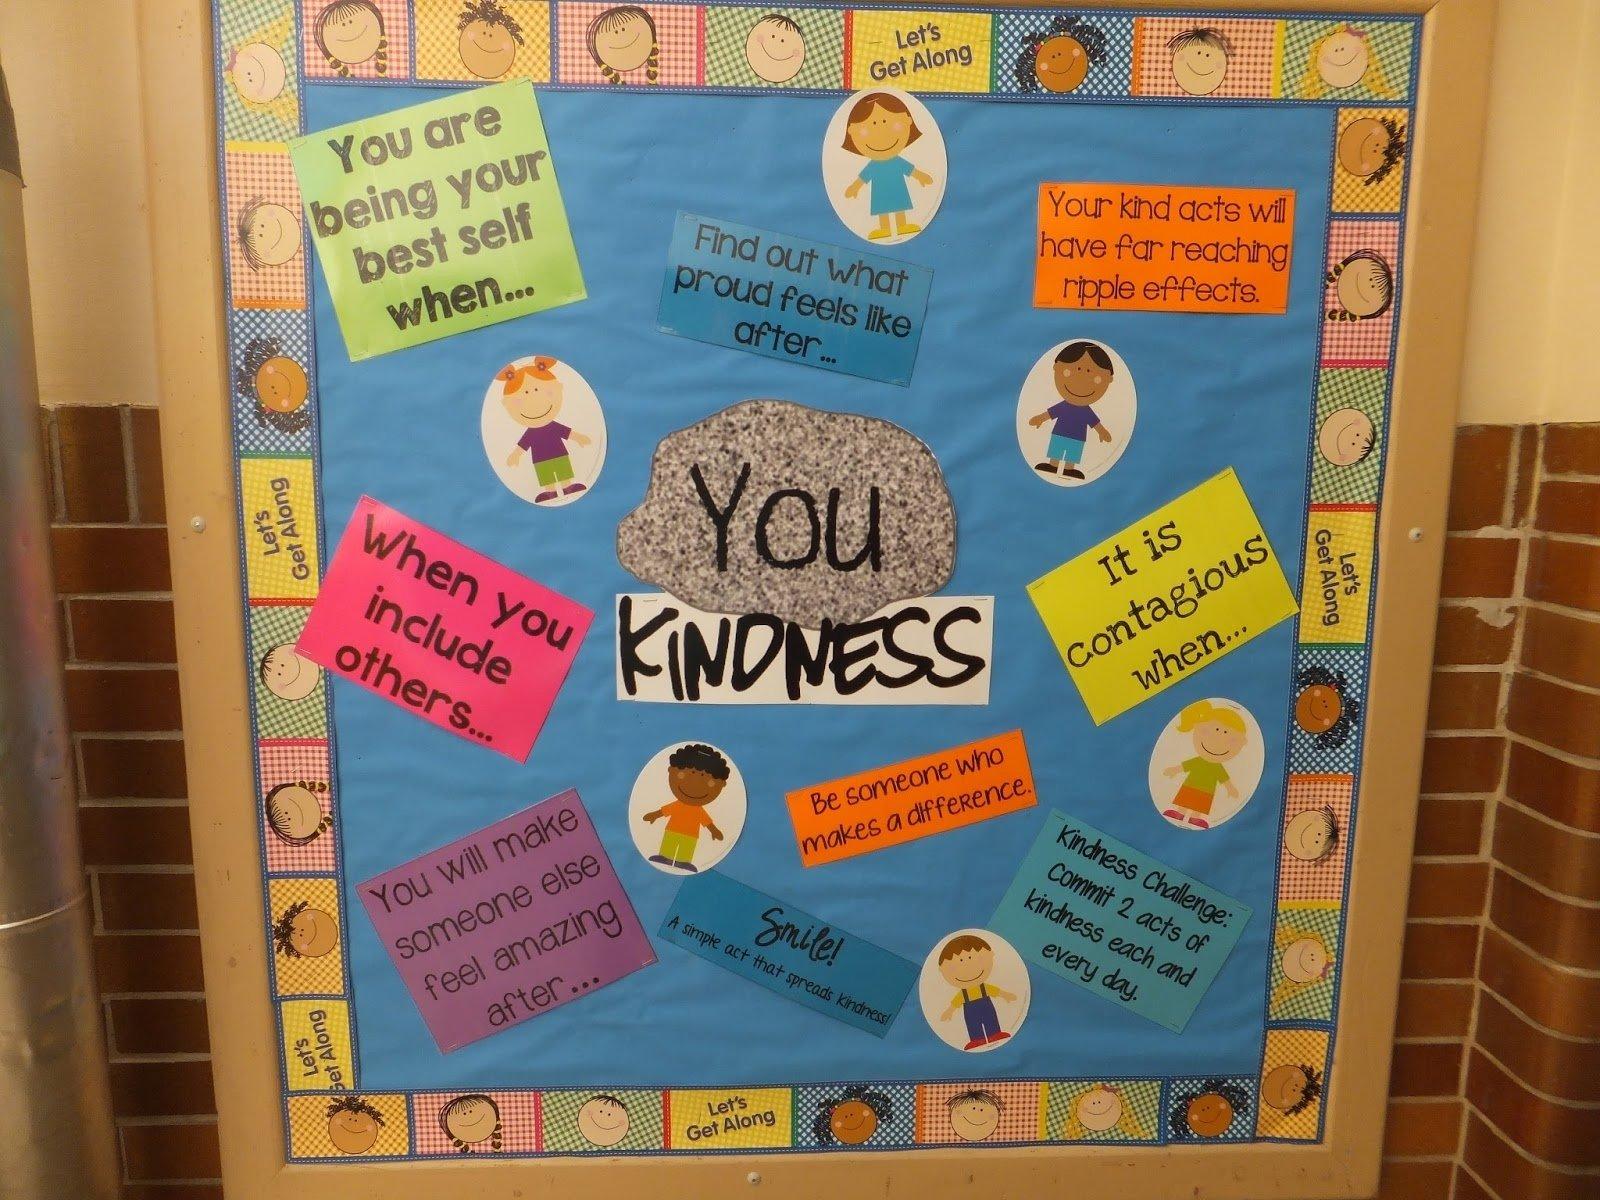 10 Fabulous Elementary School Bulletin Board Ideas entirely elementaryschool counseling you rock kindness bulletin 2020